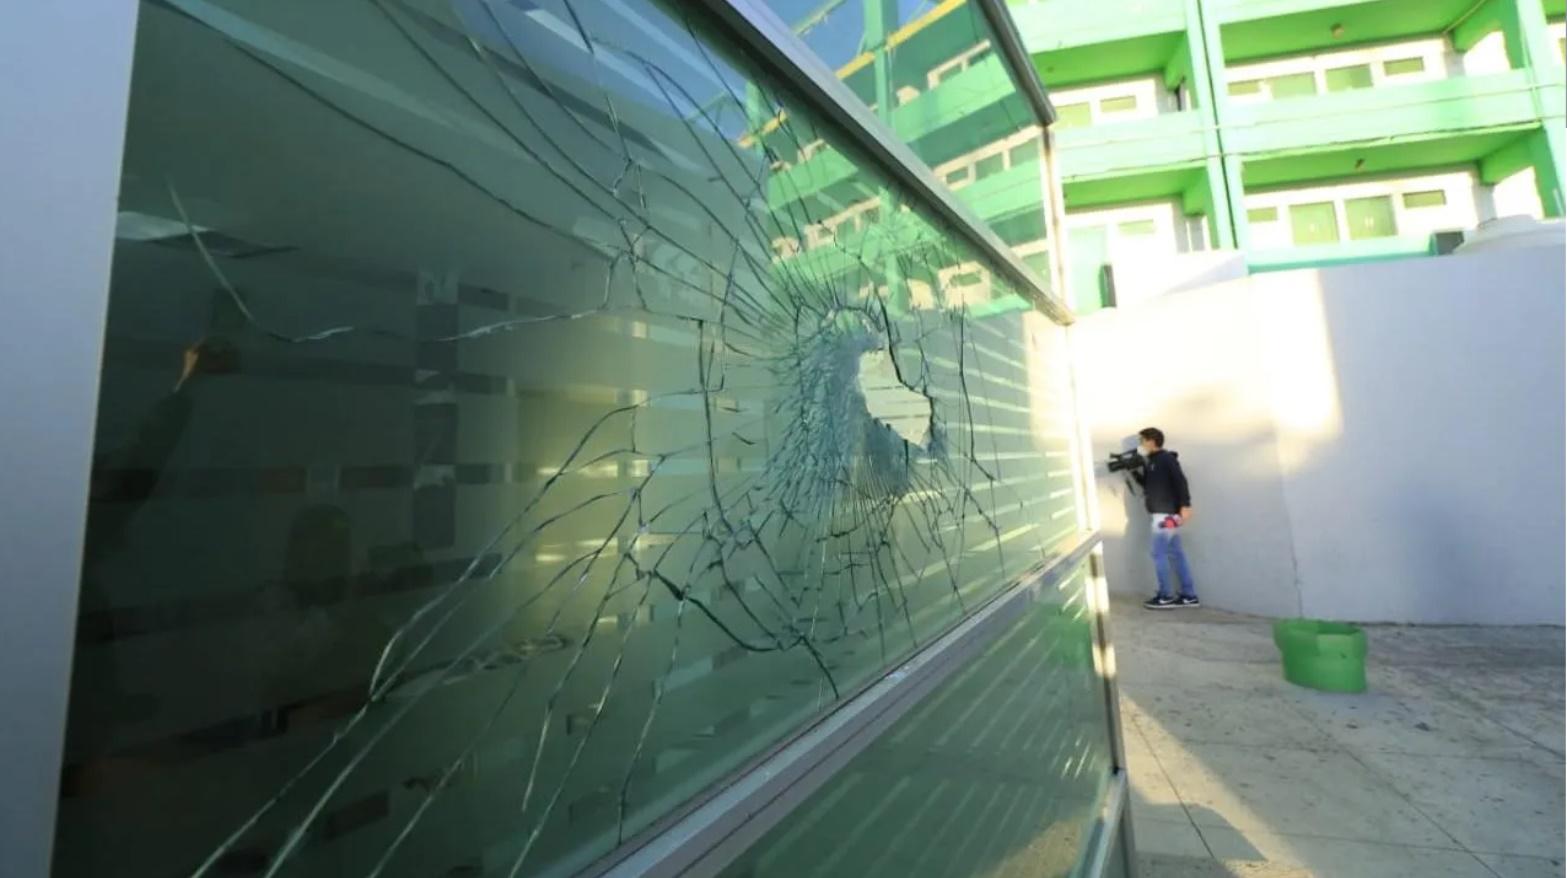 Aficionados de León causan destrozos. Foto: Twitter Soyfiera.com